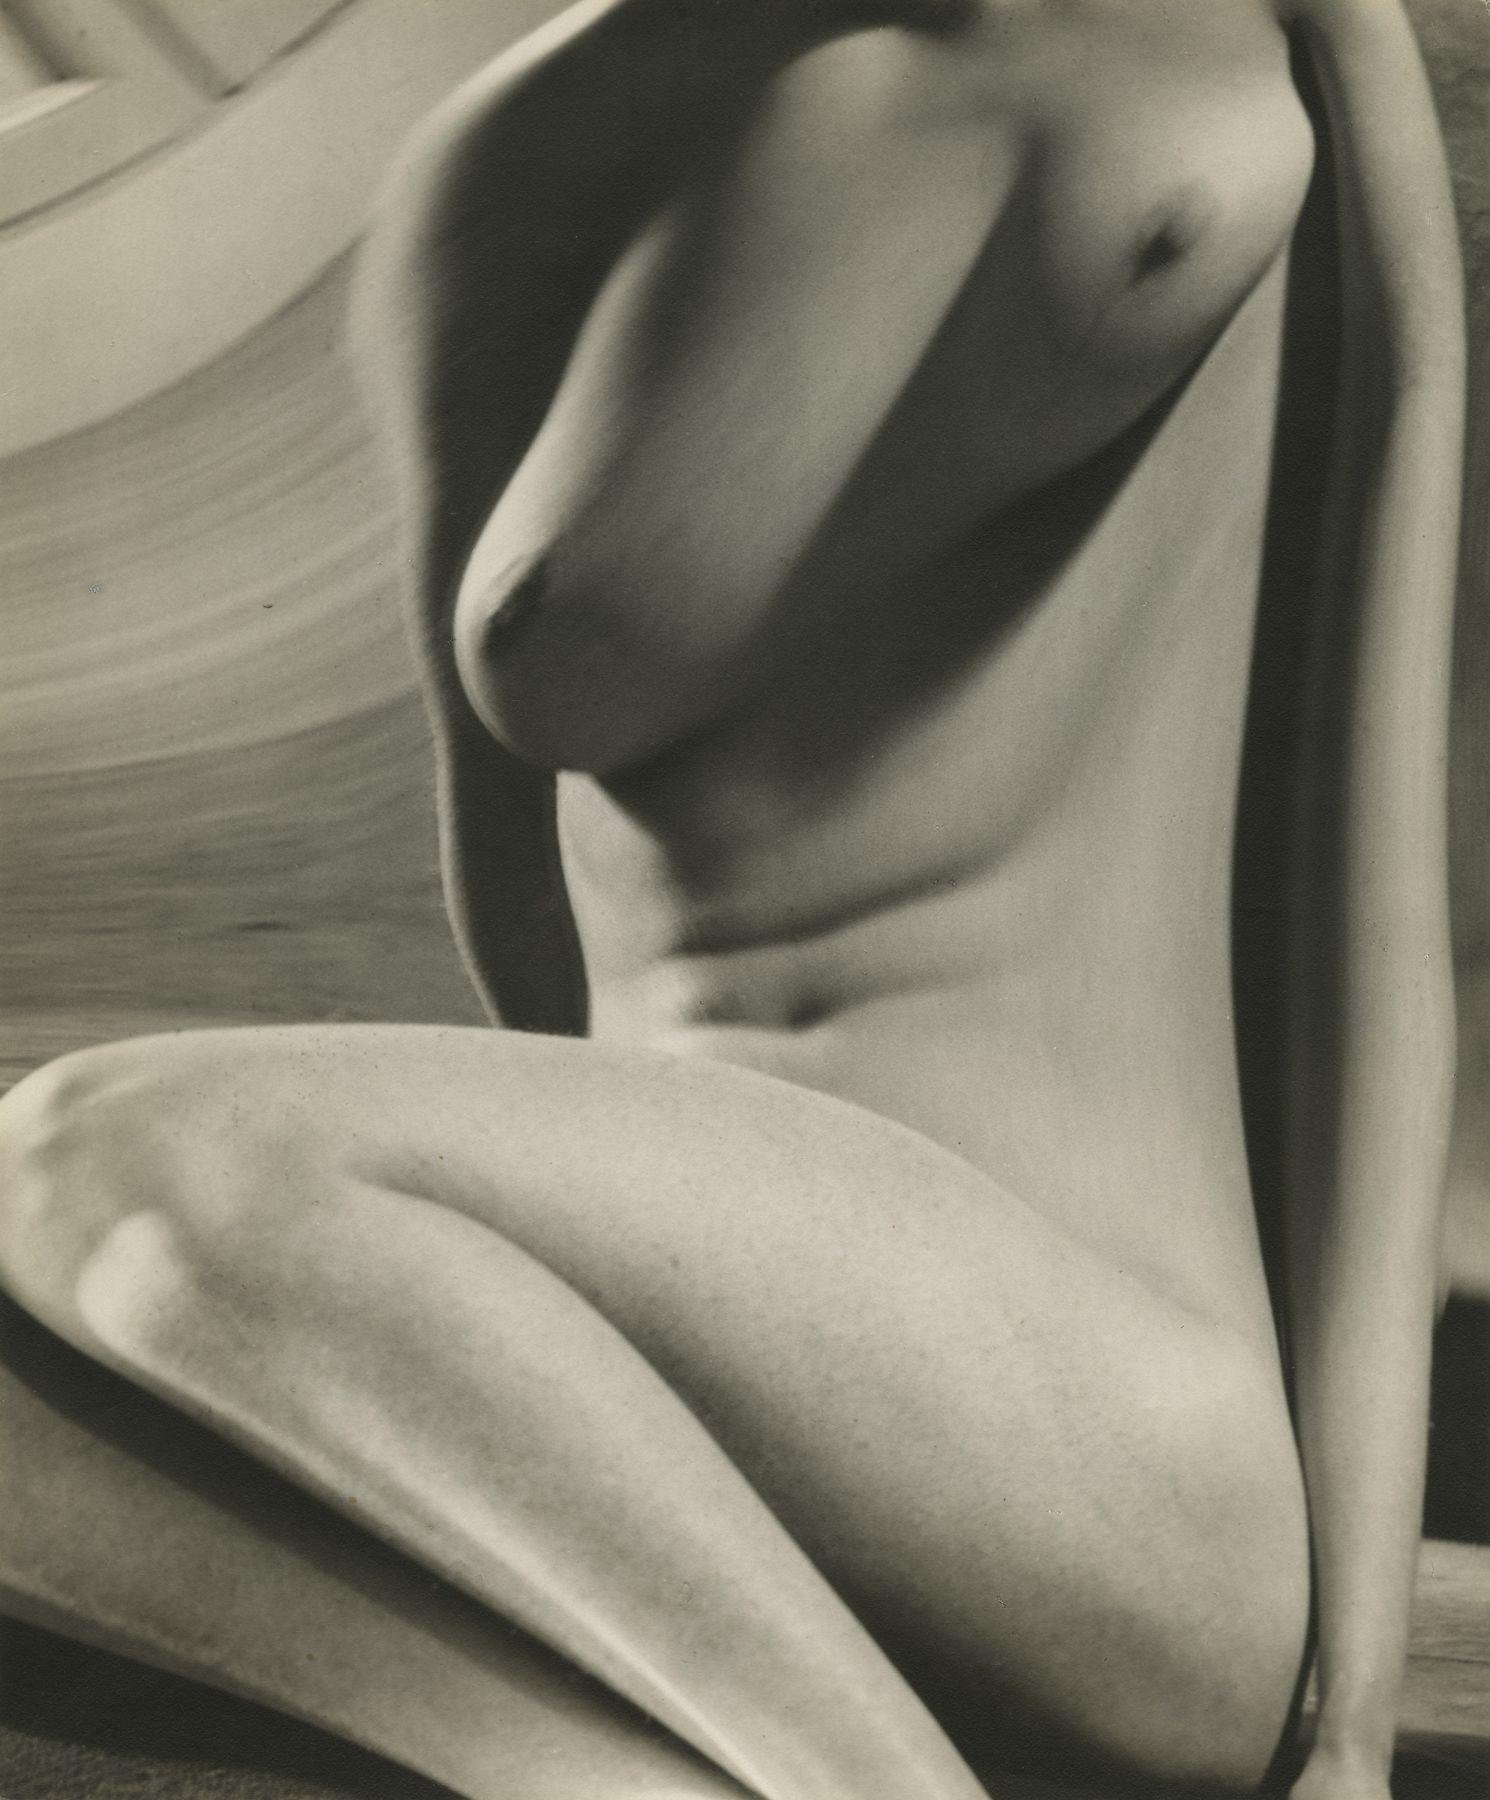 andré Kertész distortion #63